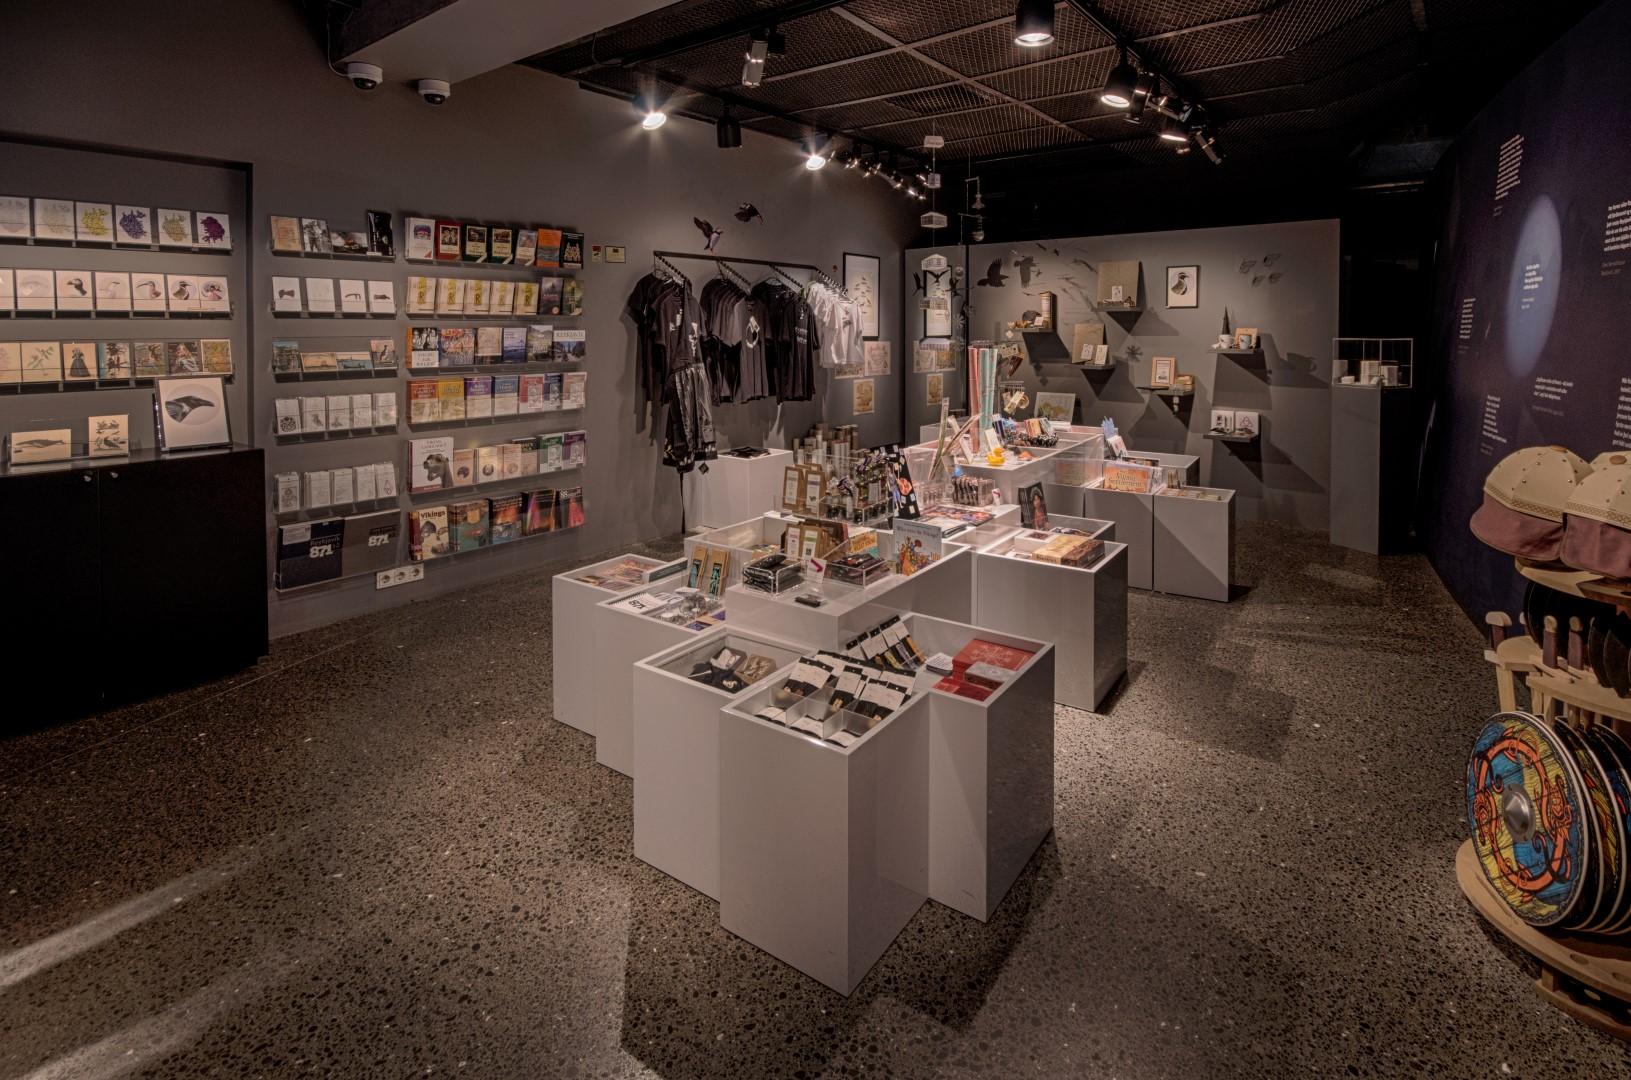 Safnbúð Landnámssýningarinnar / The Museum Shop